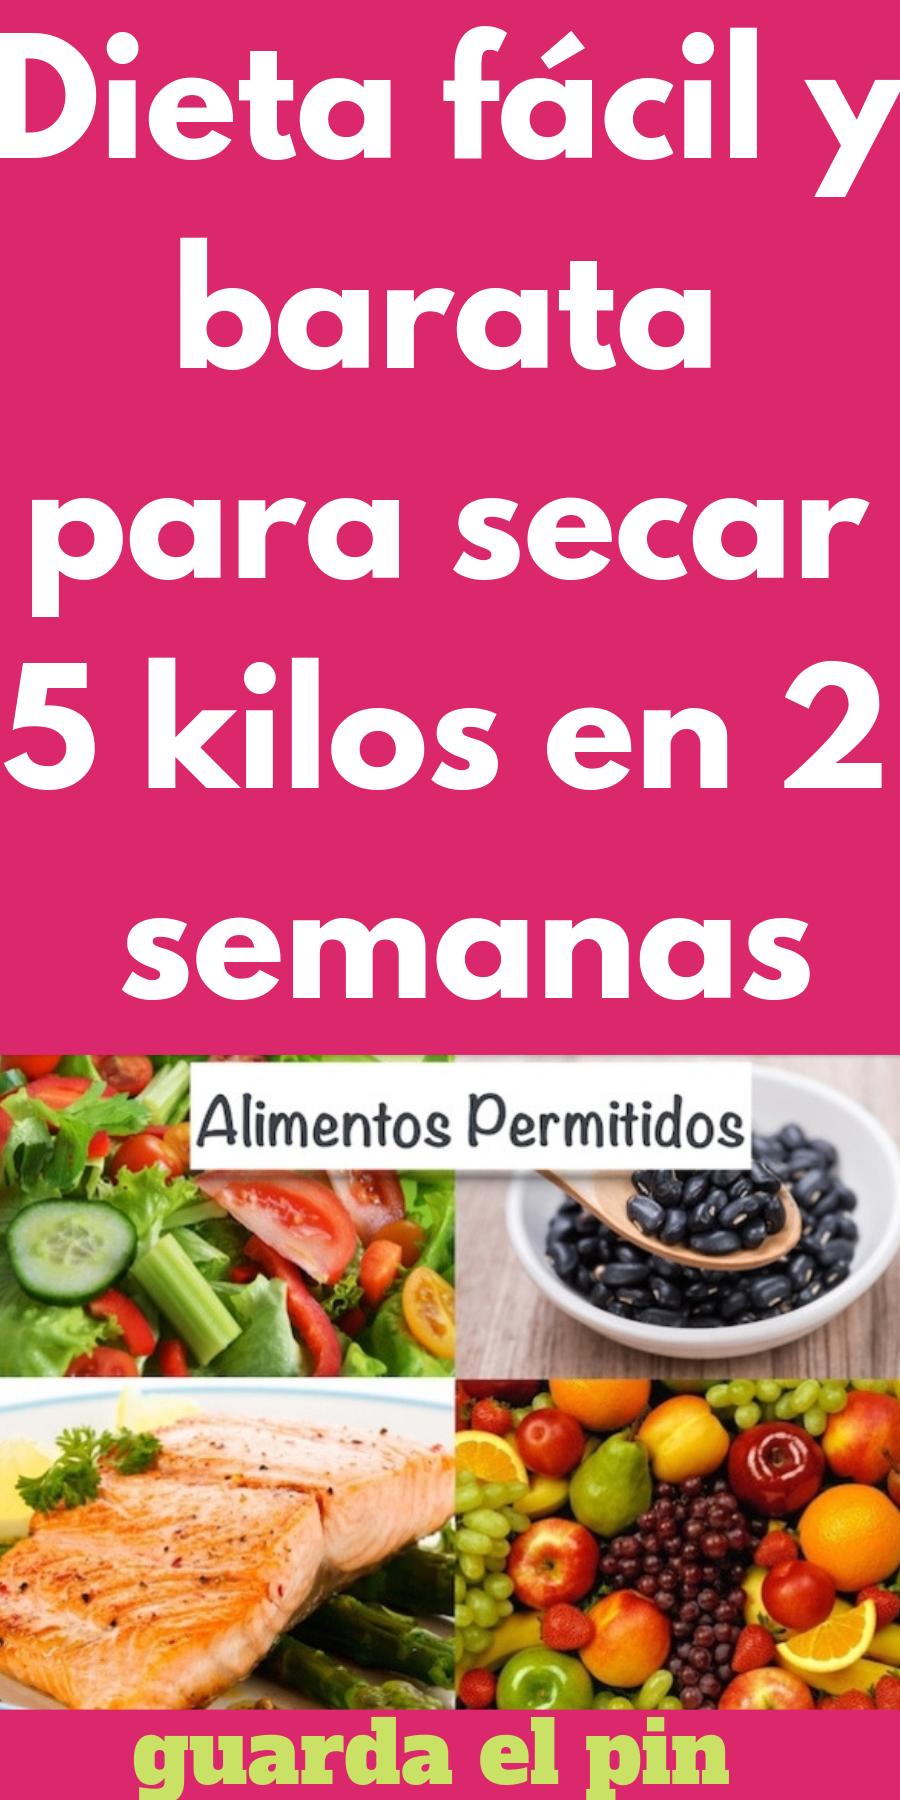 Dieta Fácil Y Barata Para Secar 5 Kilos En 2 Semanas Beauty